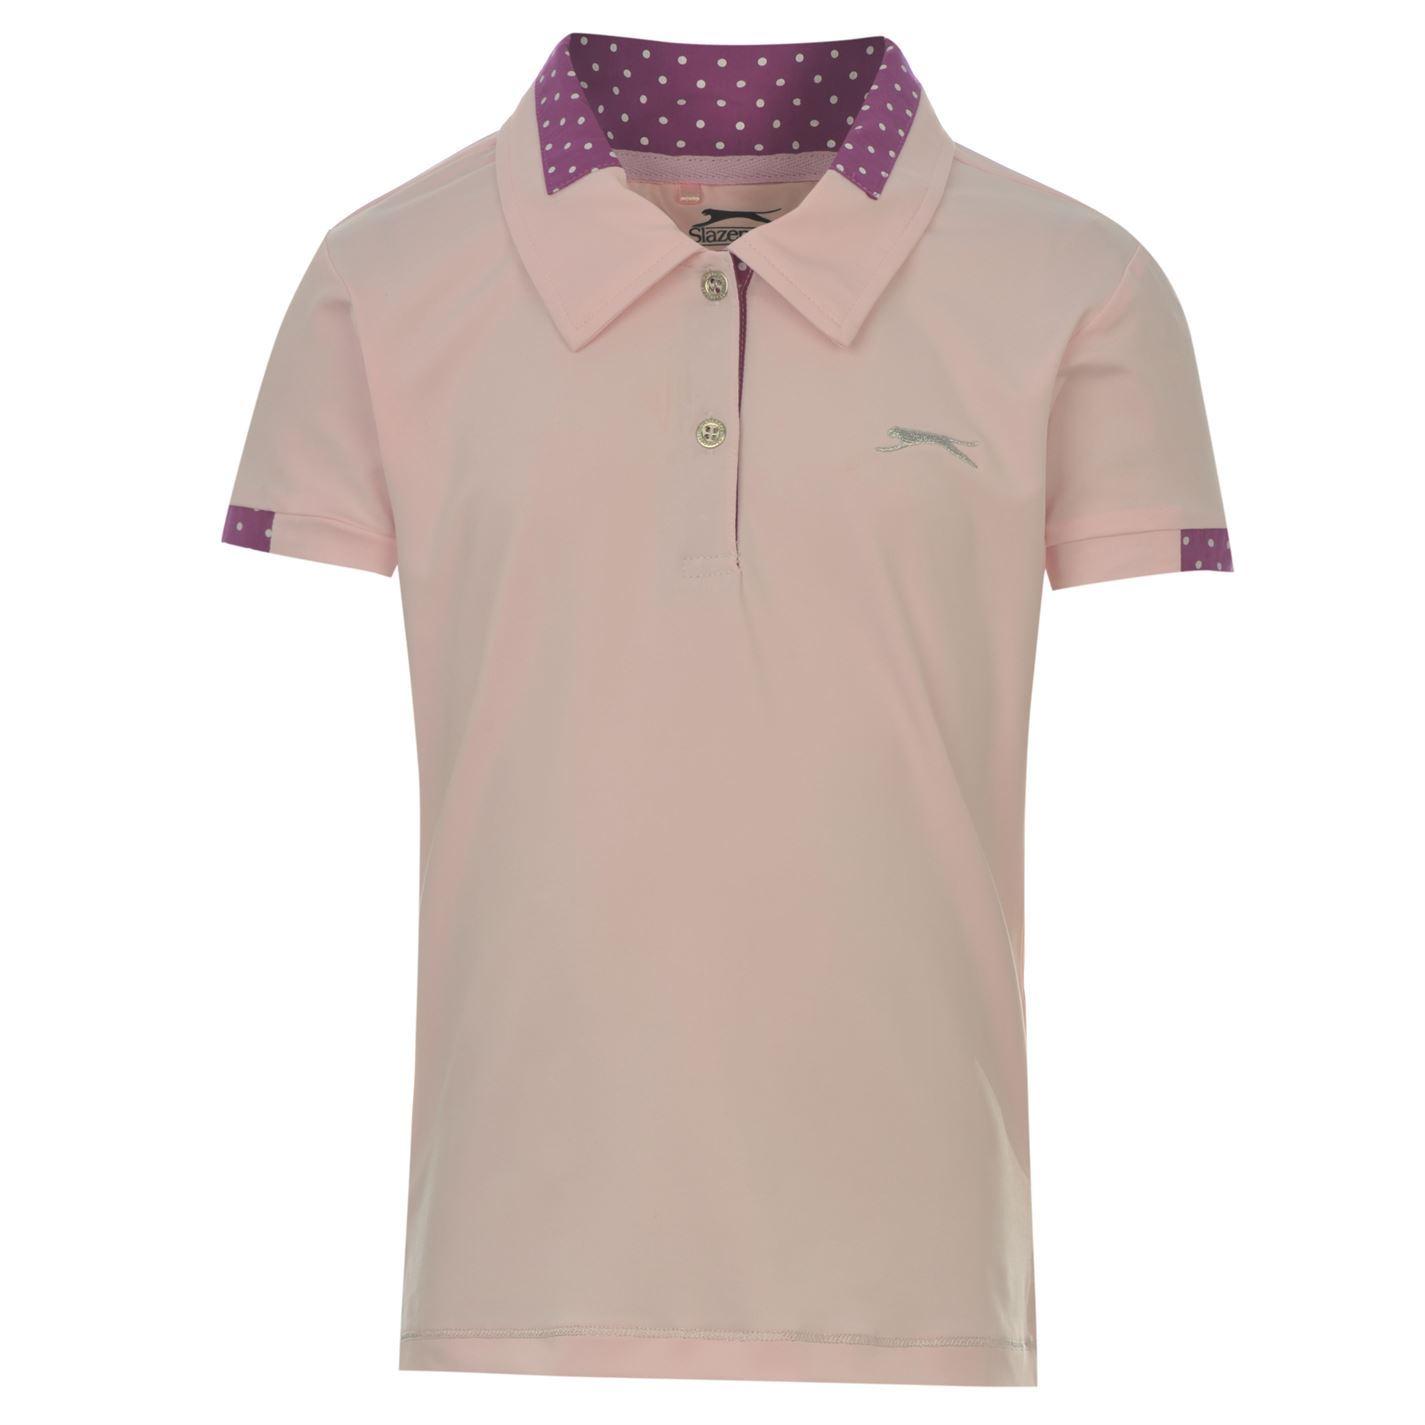 Slazenger Golf Polo Shirt Girls Pink Collared T Shirt Top